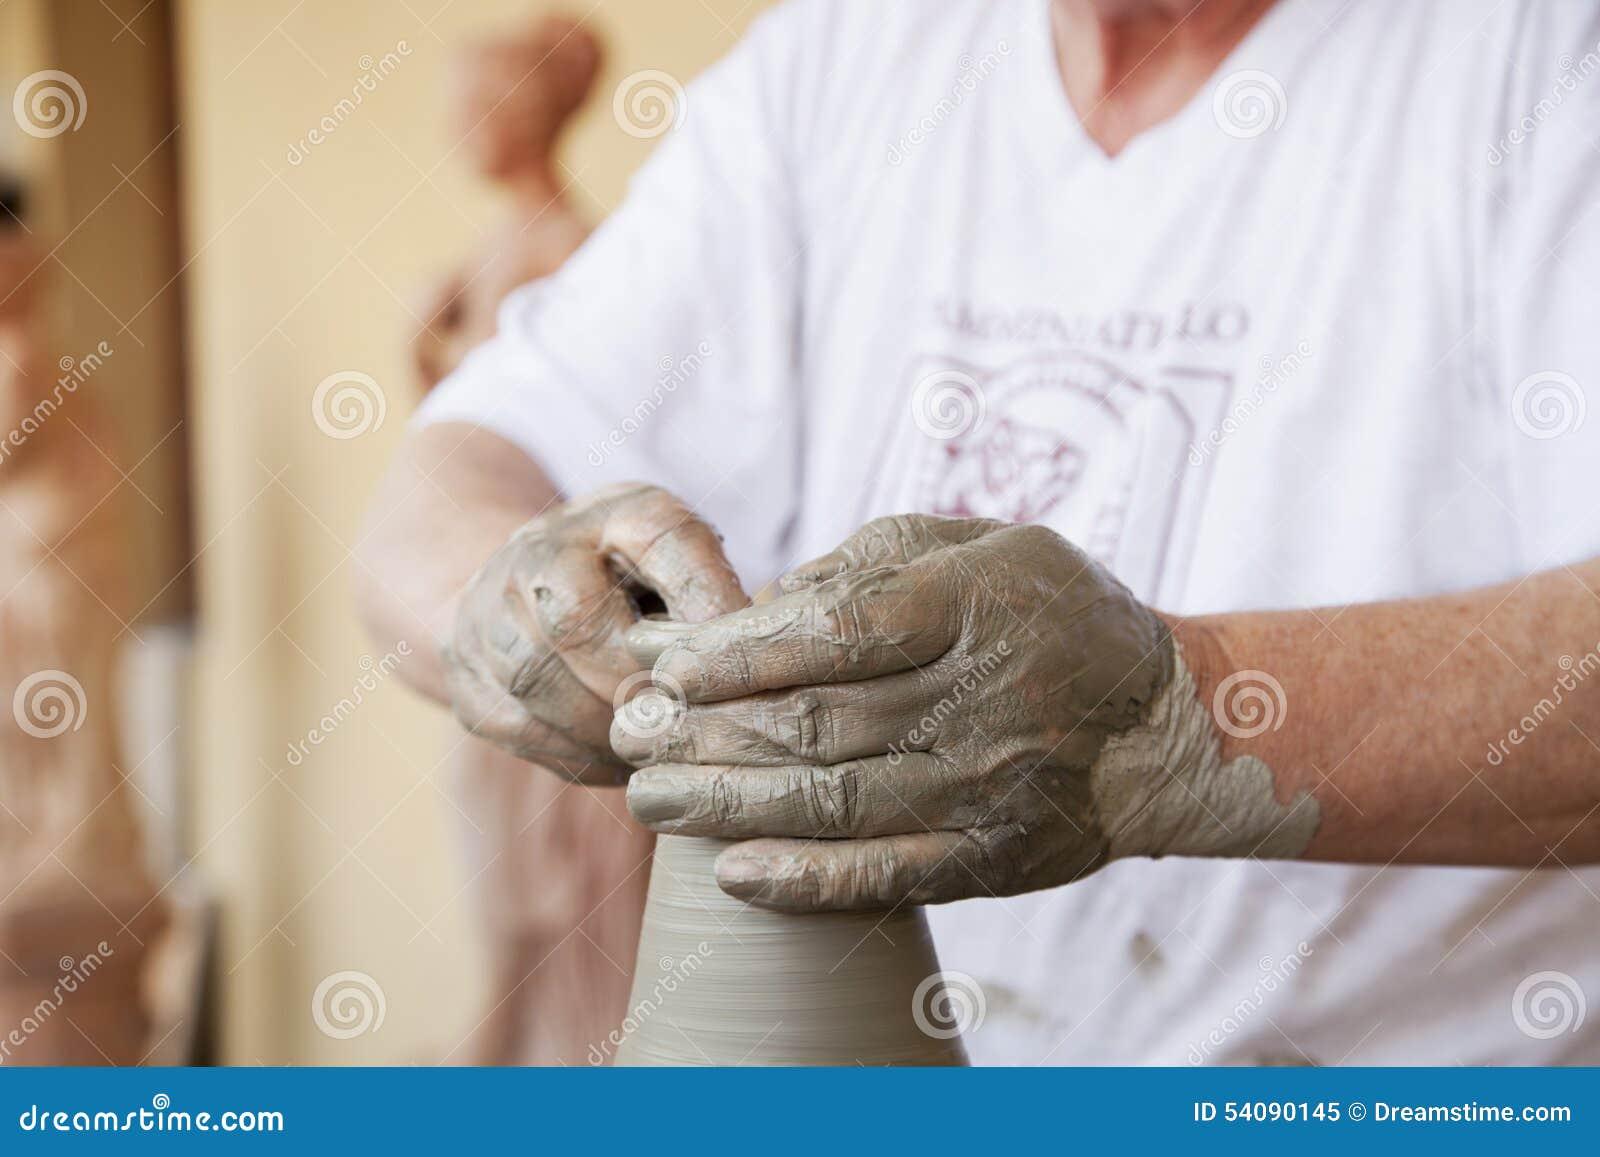 Handen die de klei werken